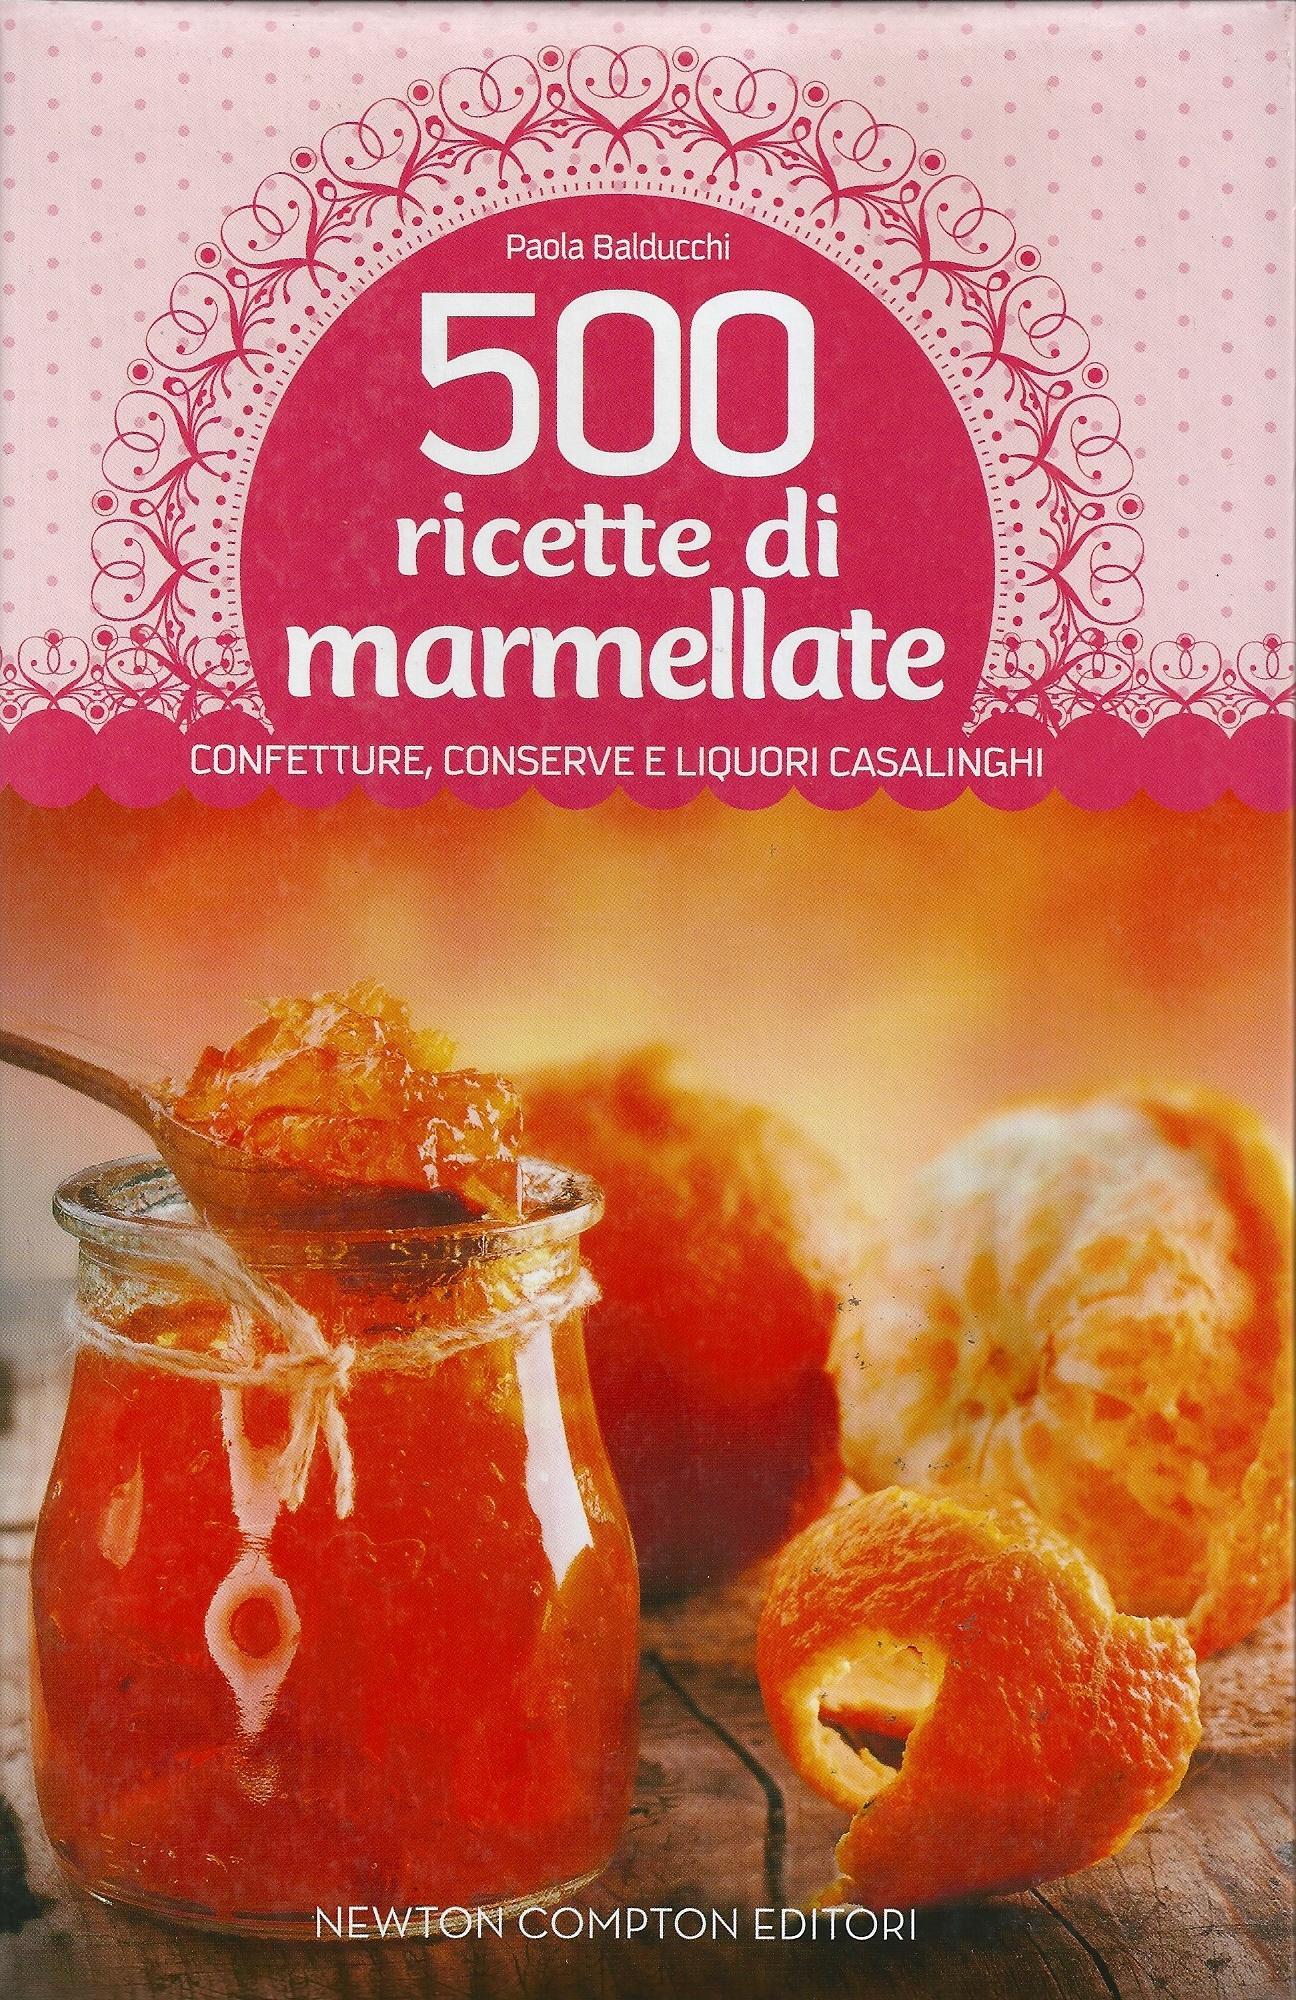 500 ricette di marmellate